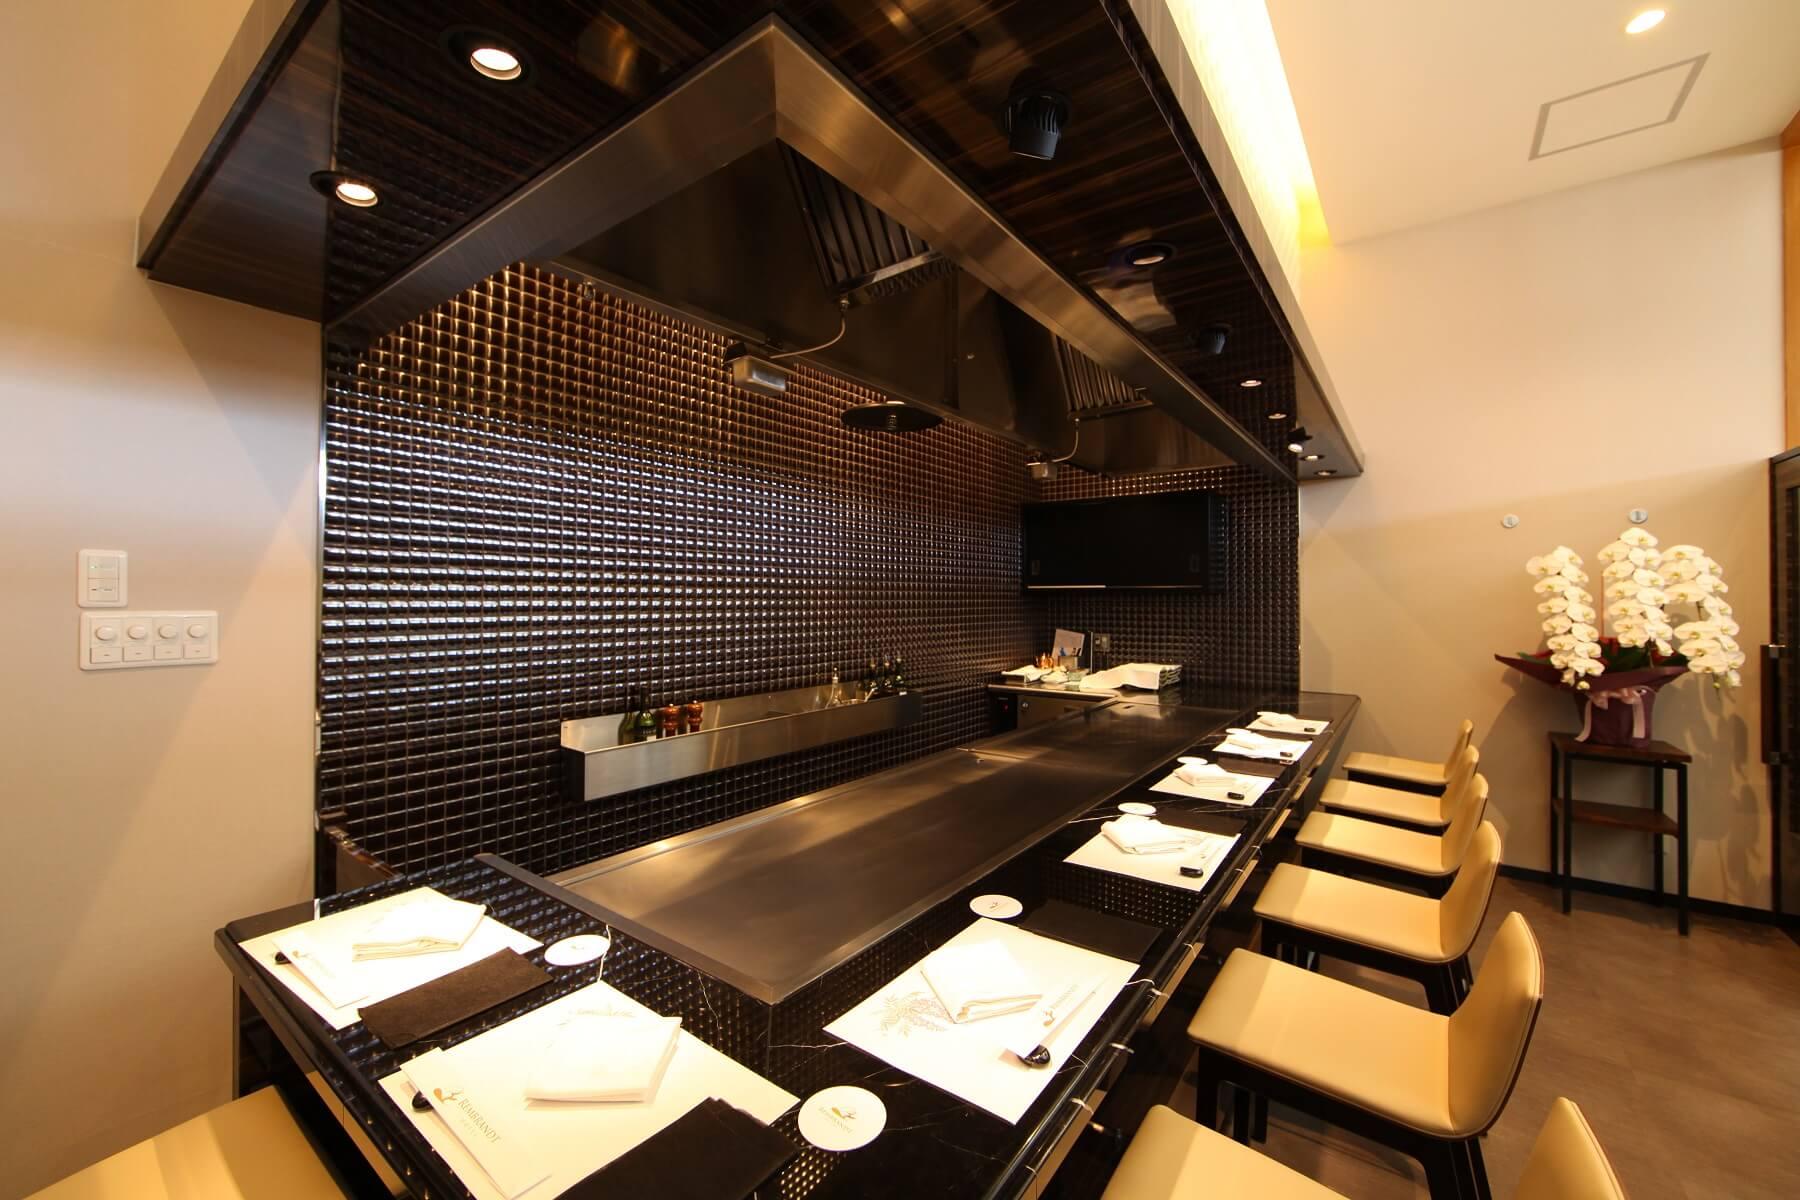 日本料理&鉄板焼 しらがね|レンブラントホテル鹿児島